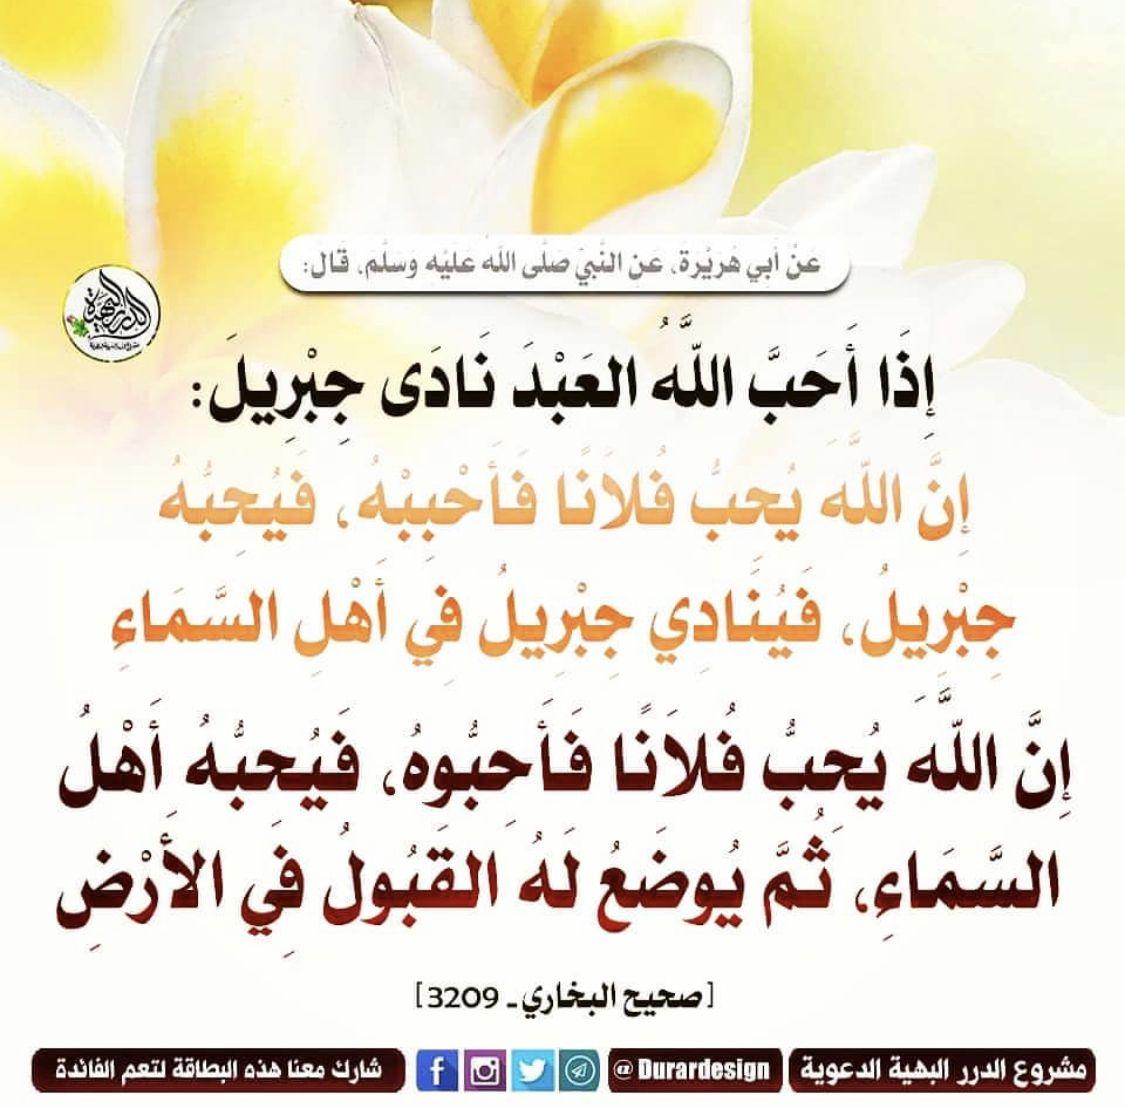 اللهم اجعلنا ممن تحبهم ويحبونك Islam Facts Islamic Quotes Ahadith